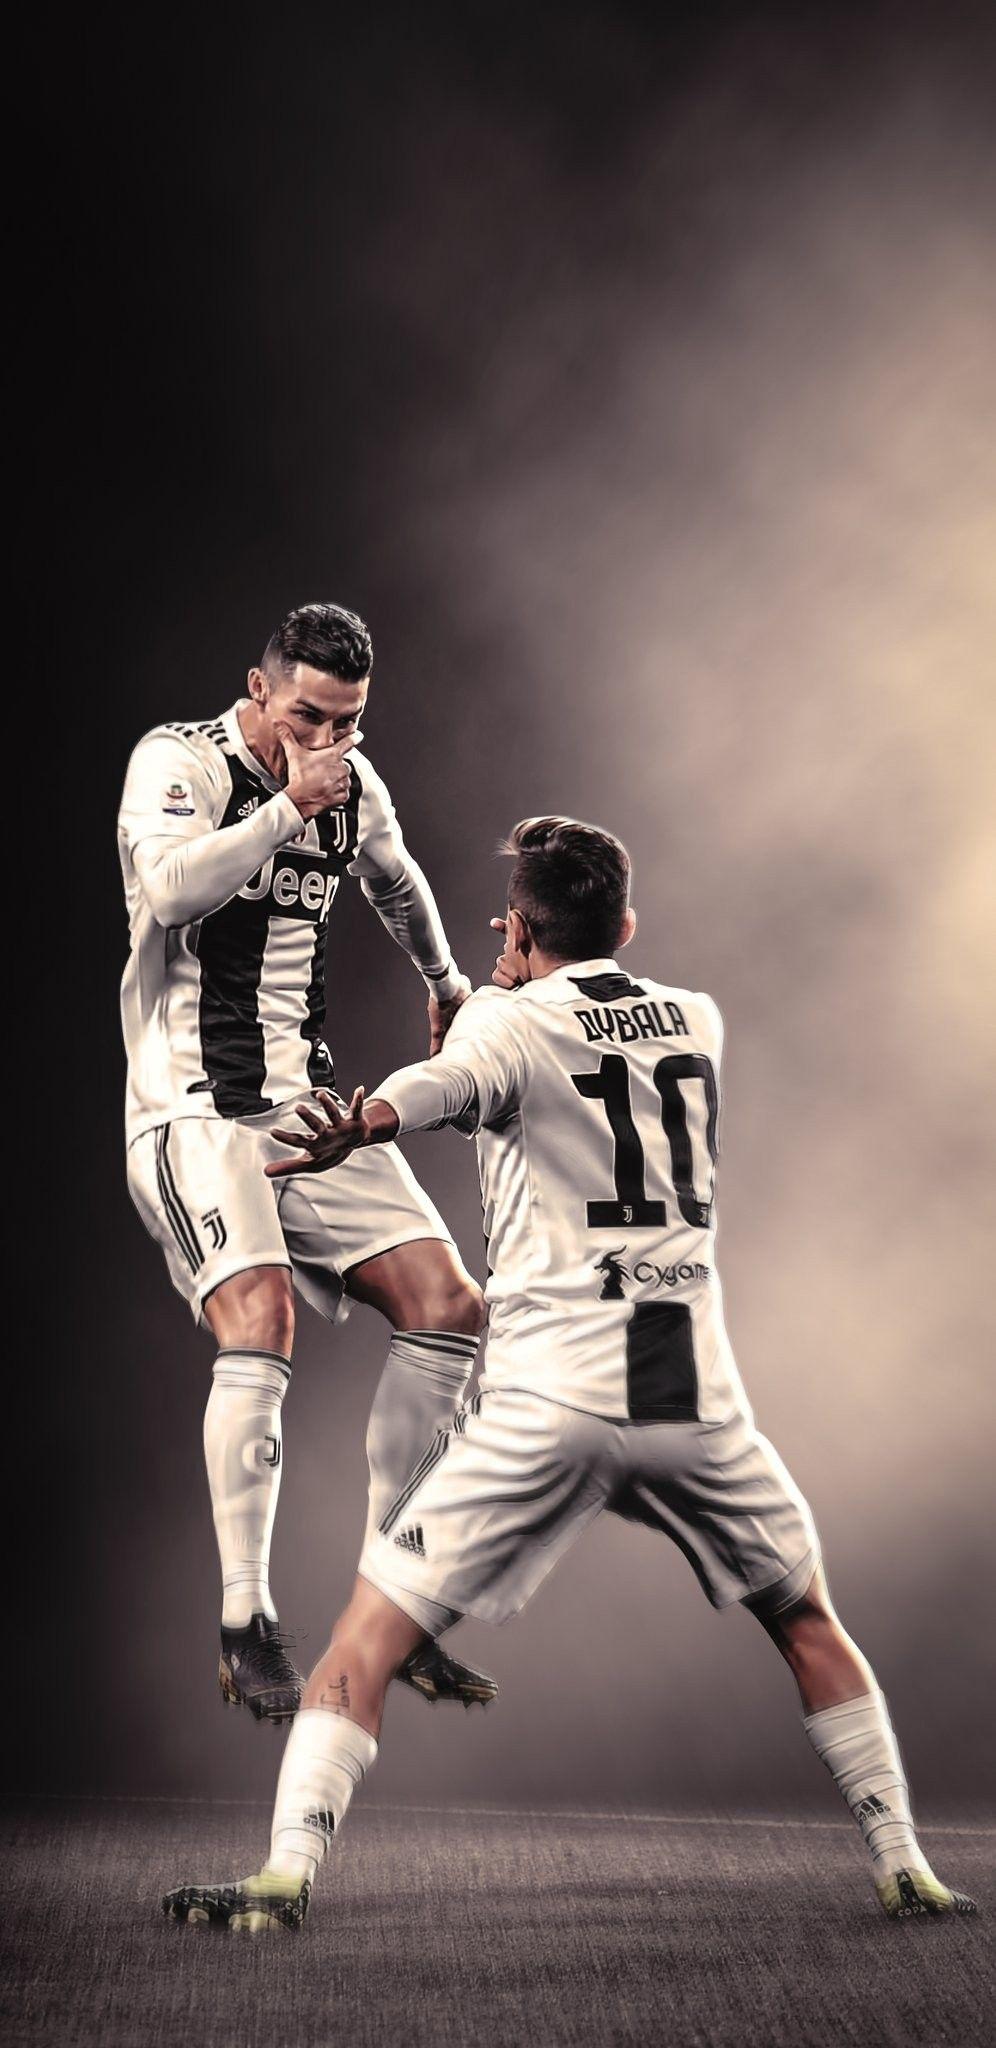 download fino alla fine Juventus Cristiano ronaldo juventus 996x2048